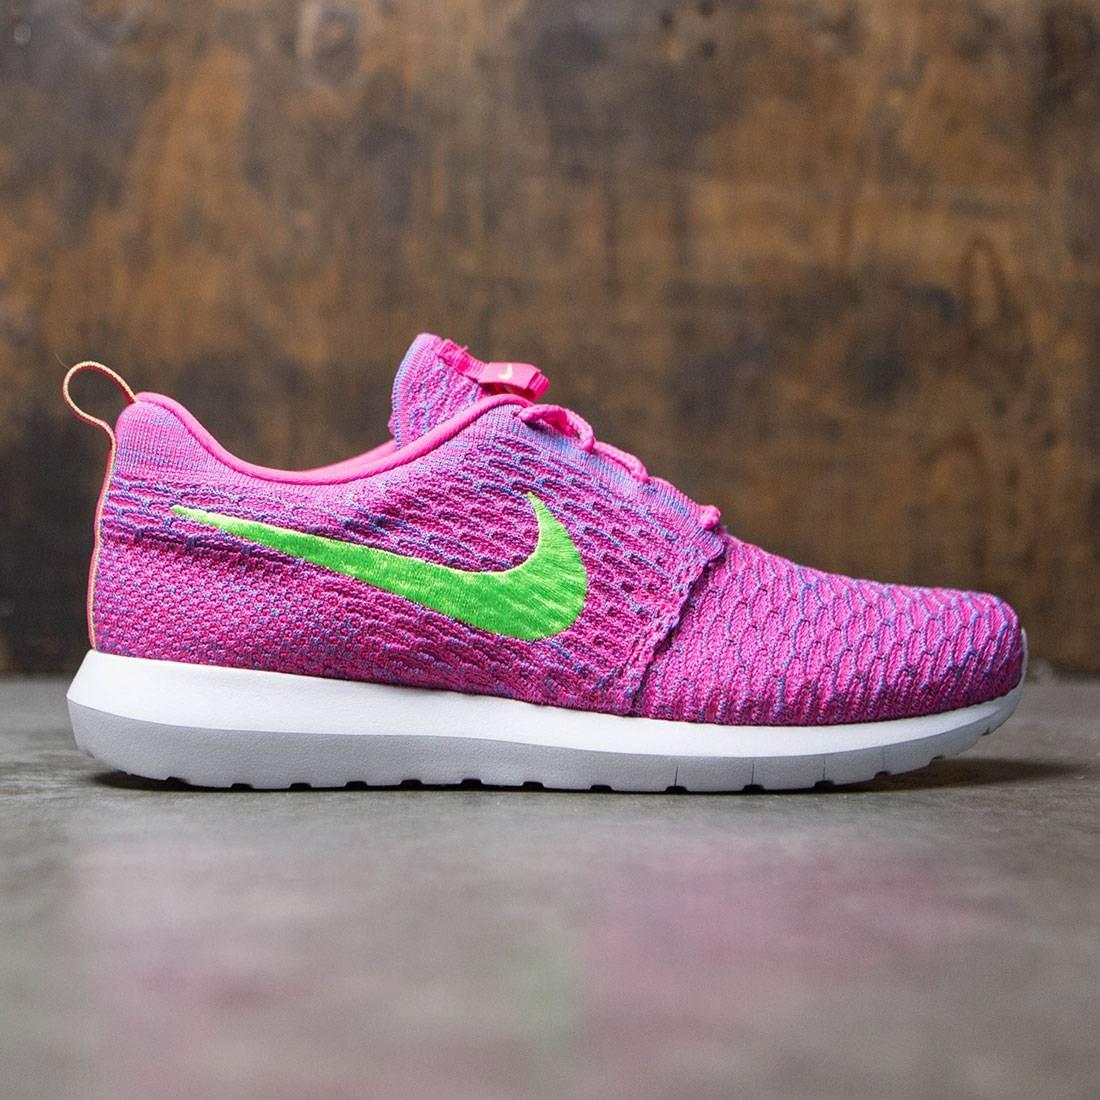 sale retailer 4624f abfd7 Nike Men Flyknit Roshe Run pink blue neon